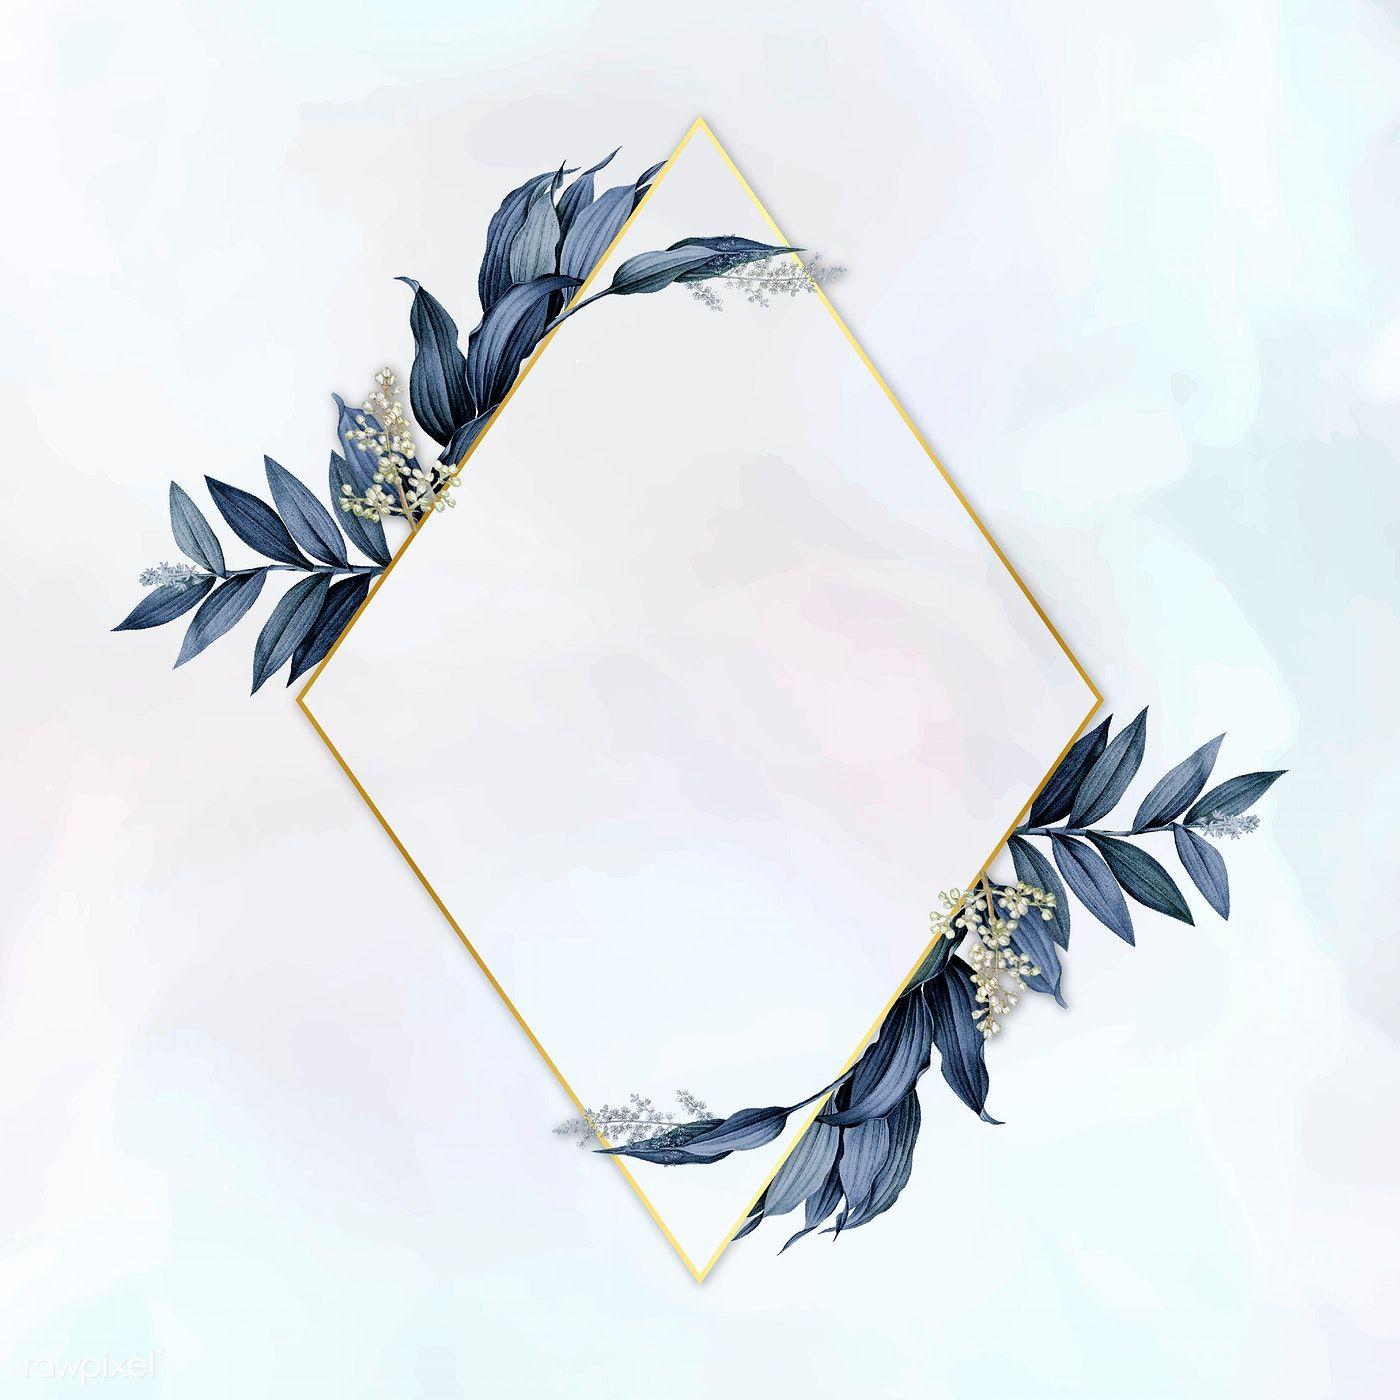 Download premium illustration of Gold pentagon frame